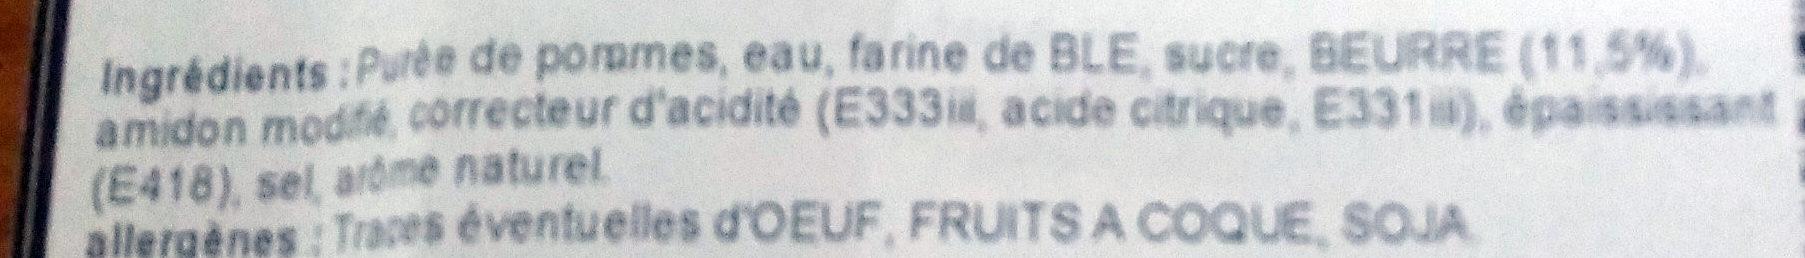 Grillés aux Pommes Vallée du Rhône - Ingrédients - fr